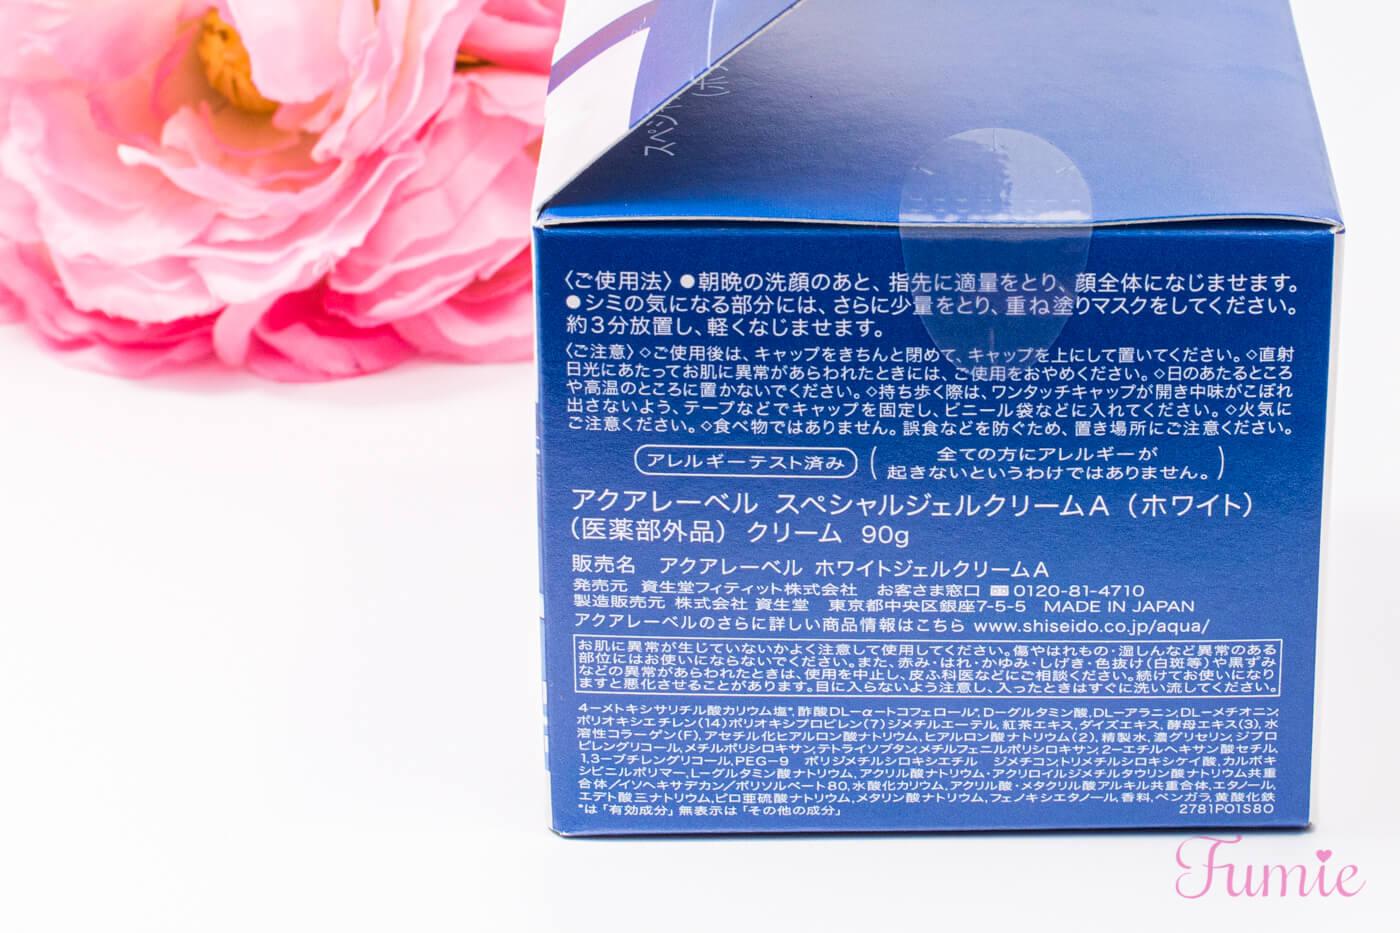 アクアレーベル スペシャルジェルクリーム(ホワイト) 外箱右側面